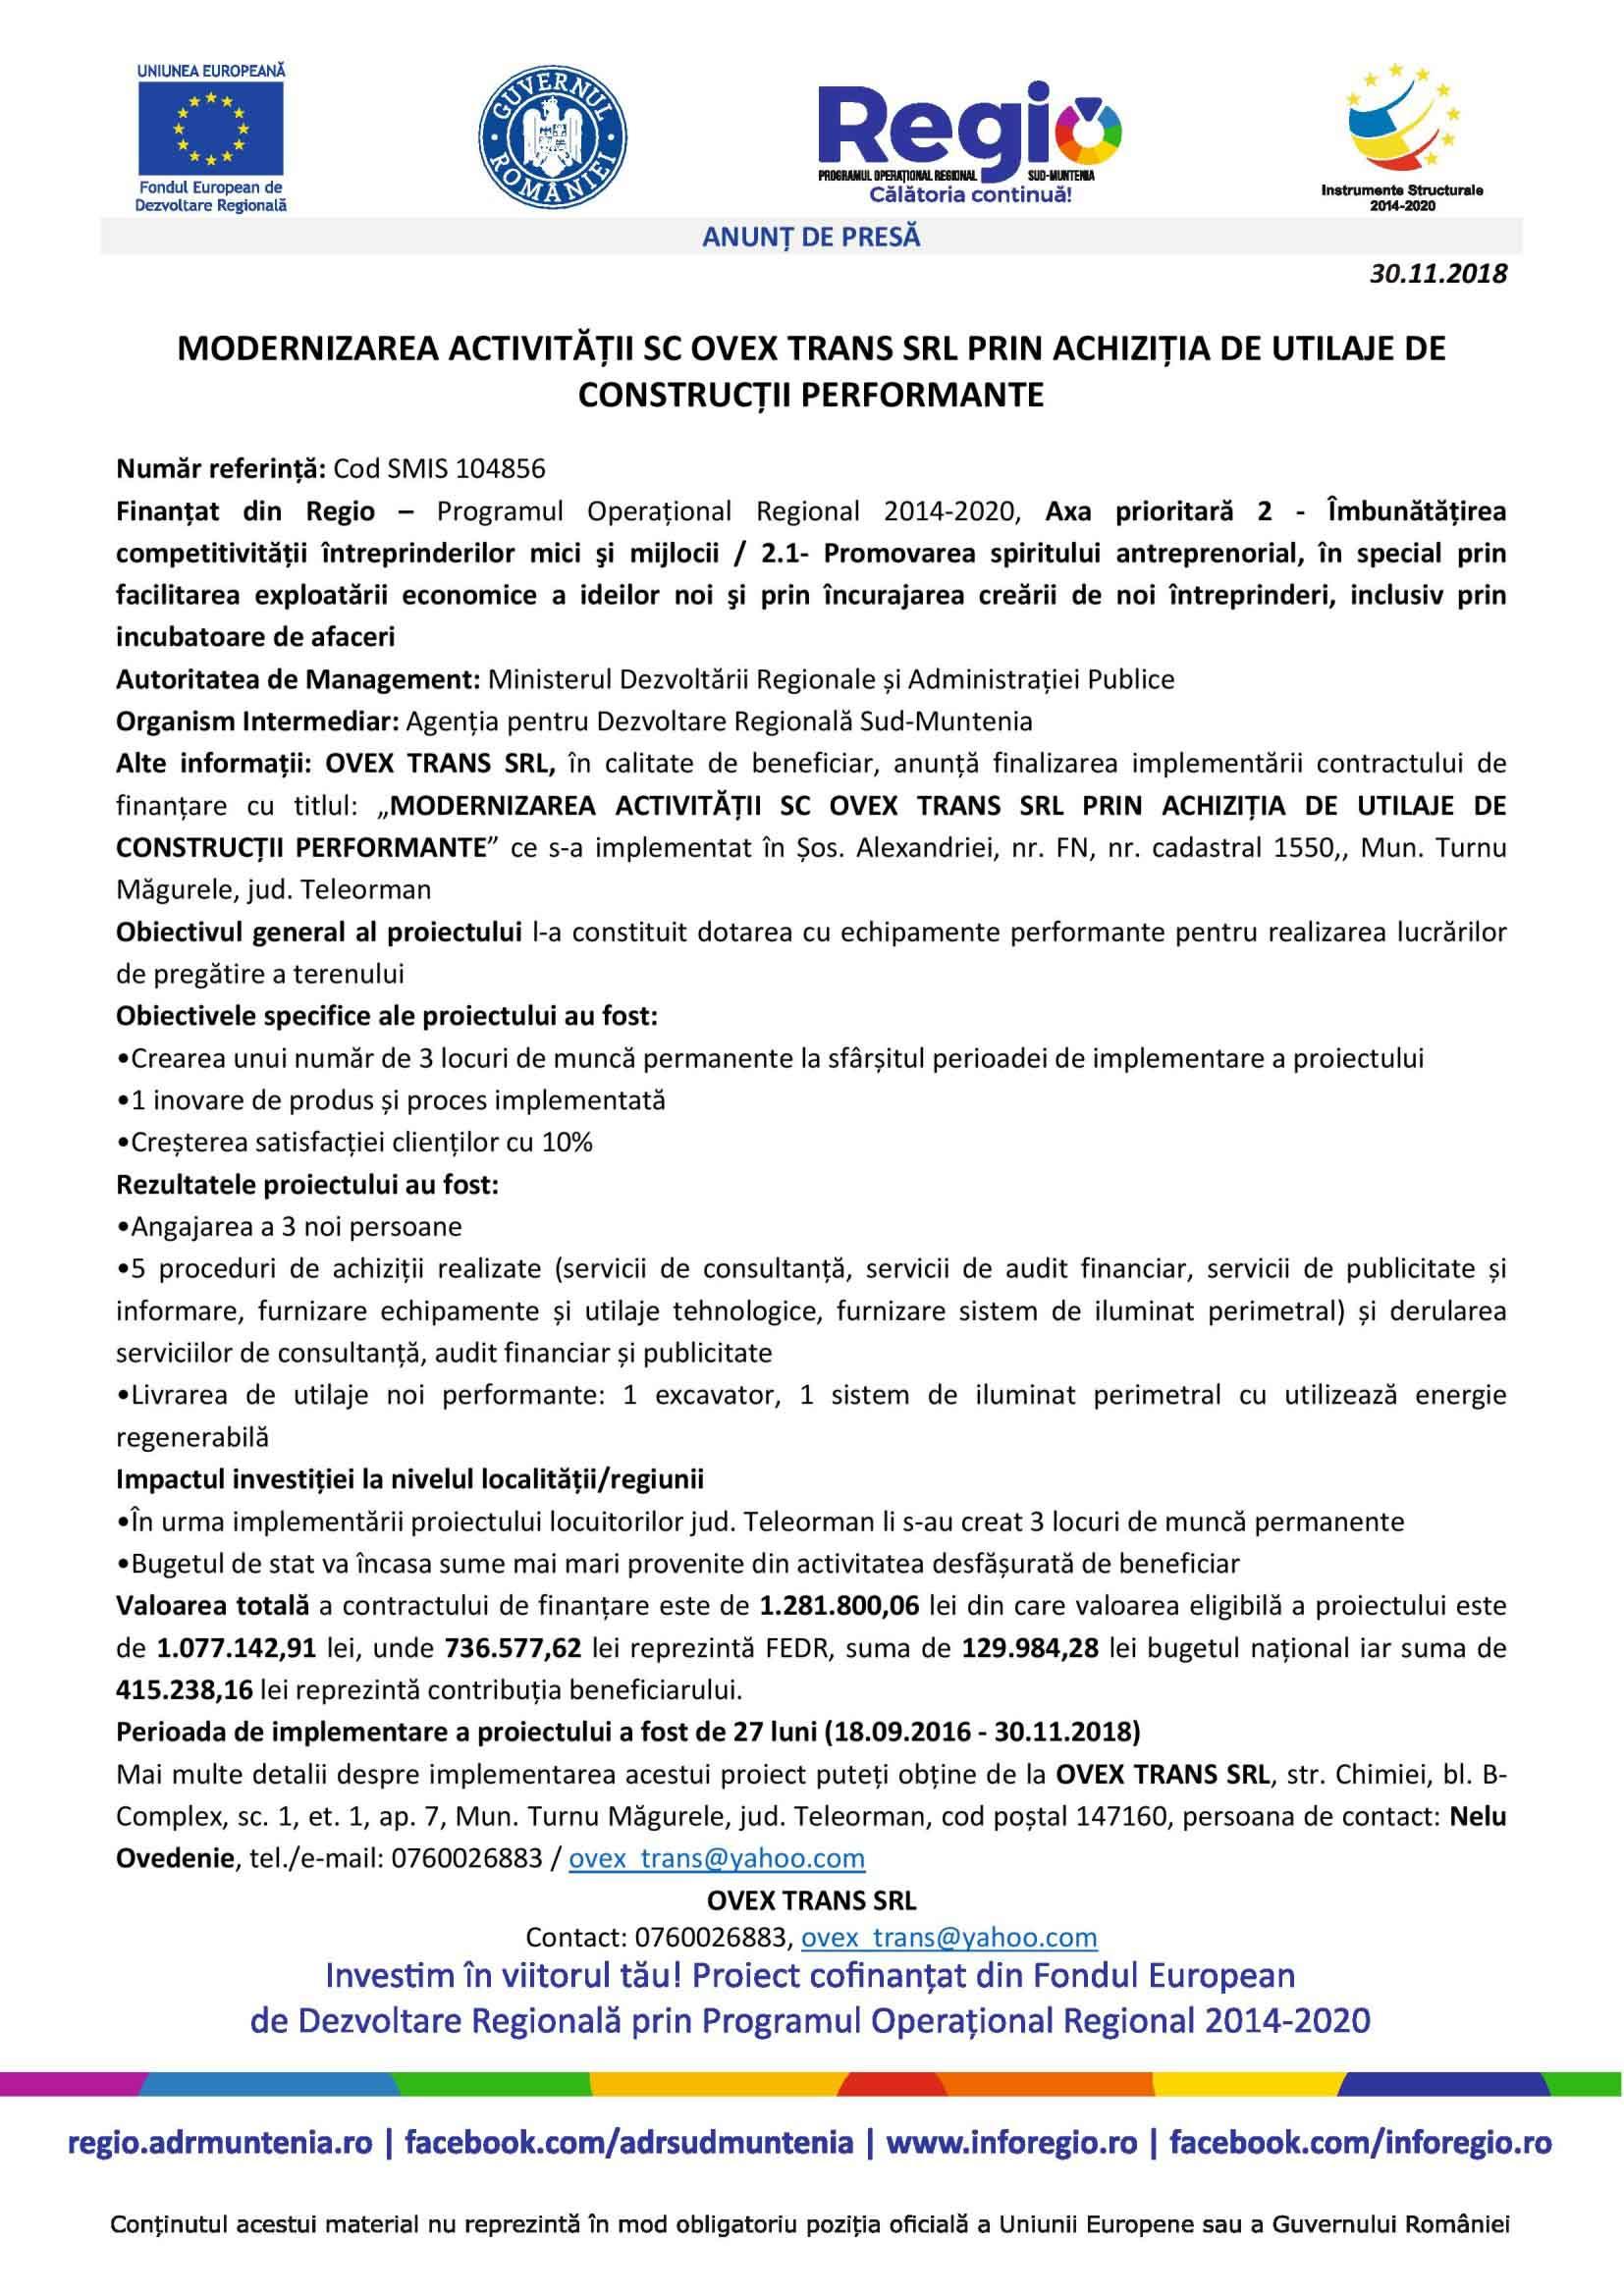 ANUNȚ DE PRESĂ. MODERNIZAREA ACTIVITĂȚII SC OVEX TRANS SRL PRIN ACHIZIȚIA DE UTILAJE DE CONSTRUCȚII PERFORMANTE